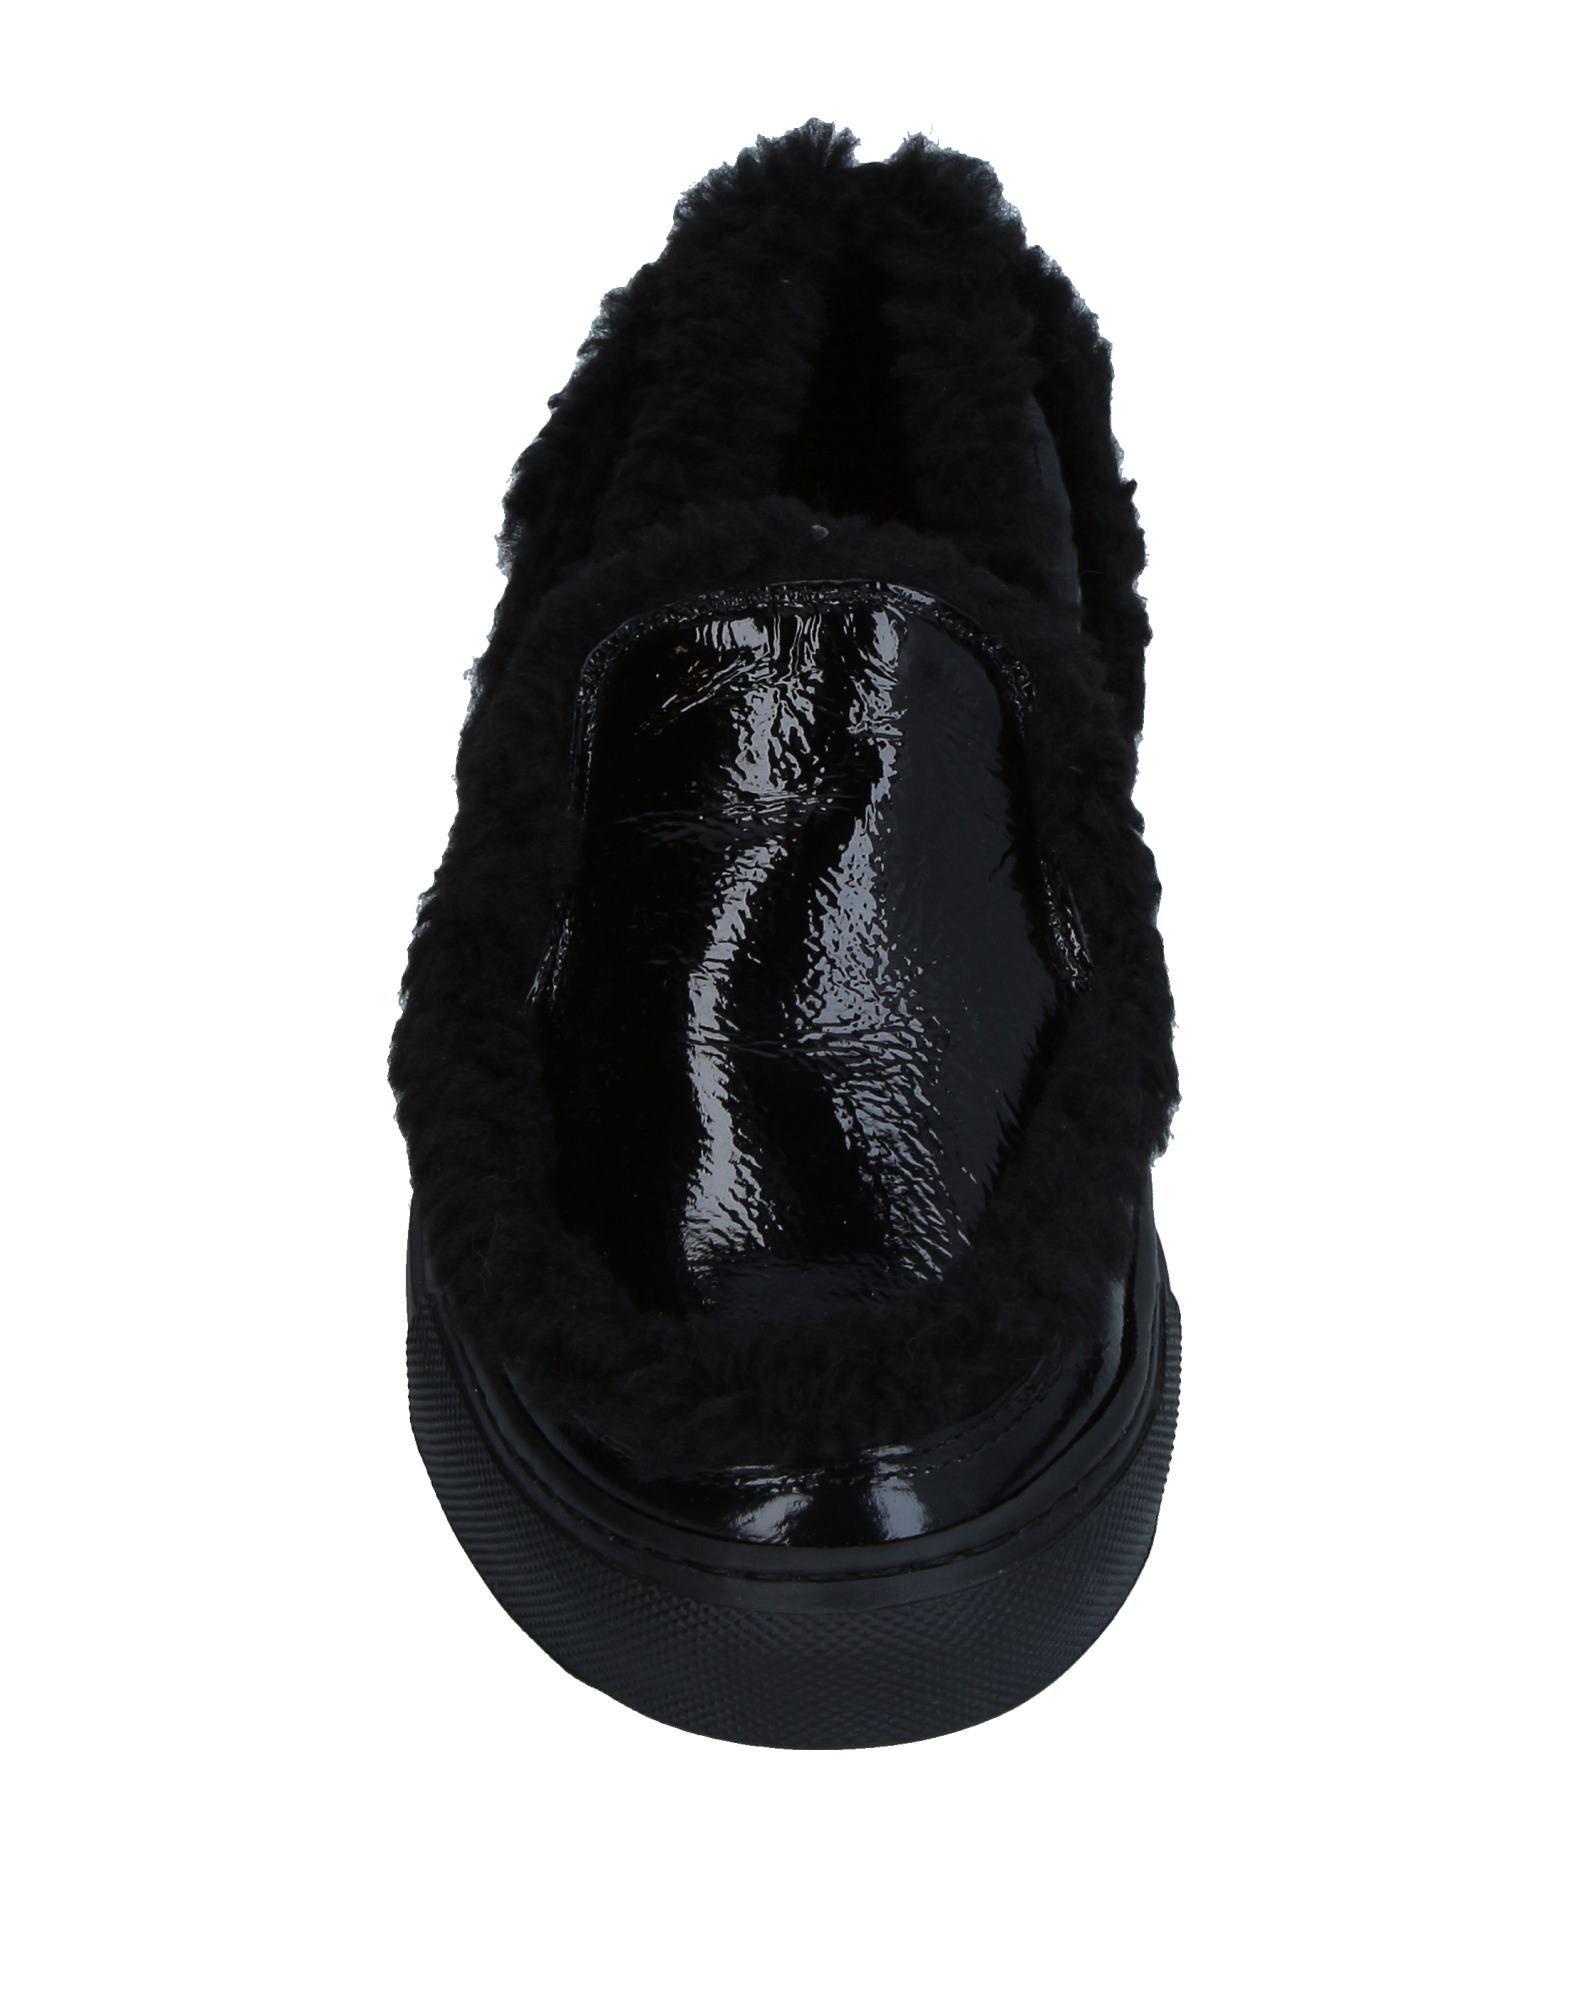 Mm6 Maison Margiela Neue Sneakers Damen  11334558KK Neue Margiela Schuhe c64446